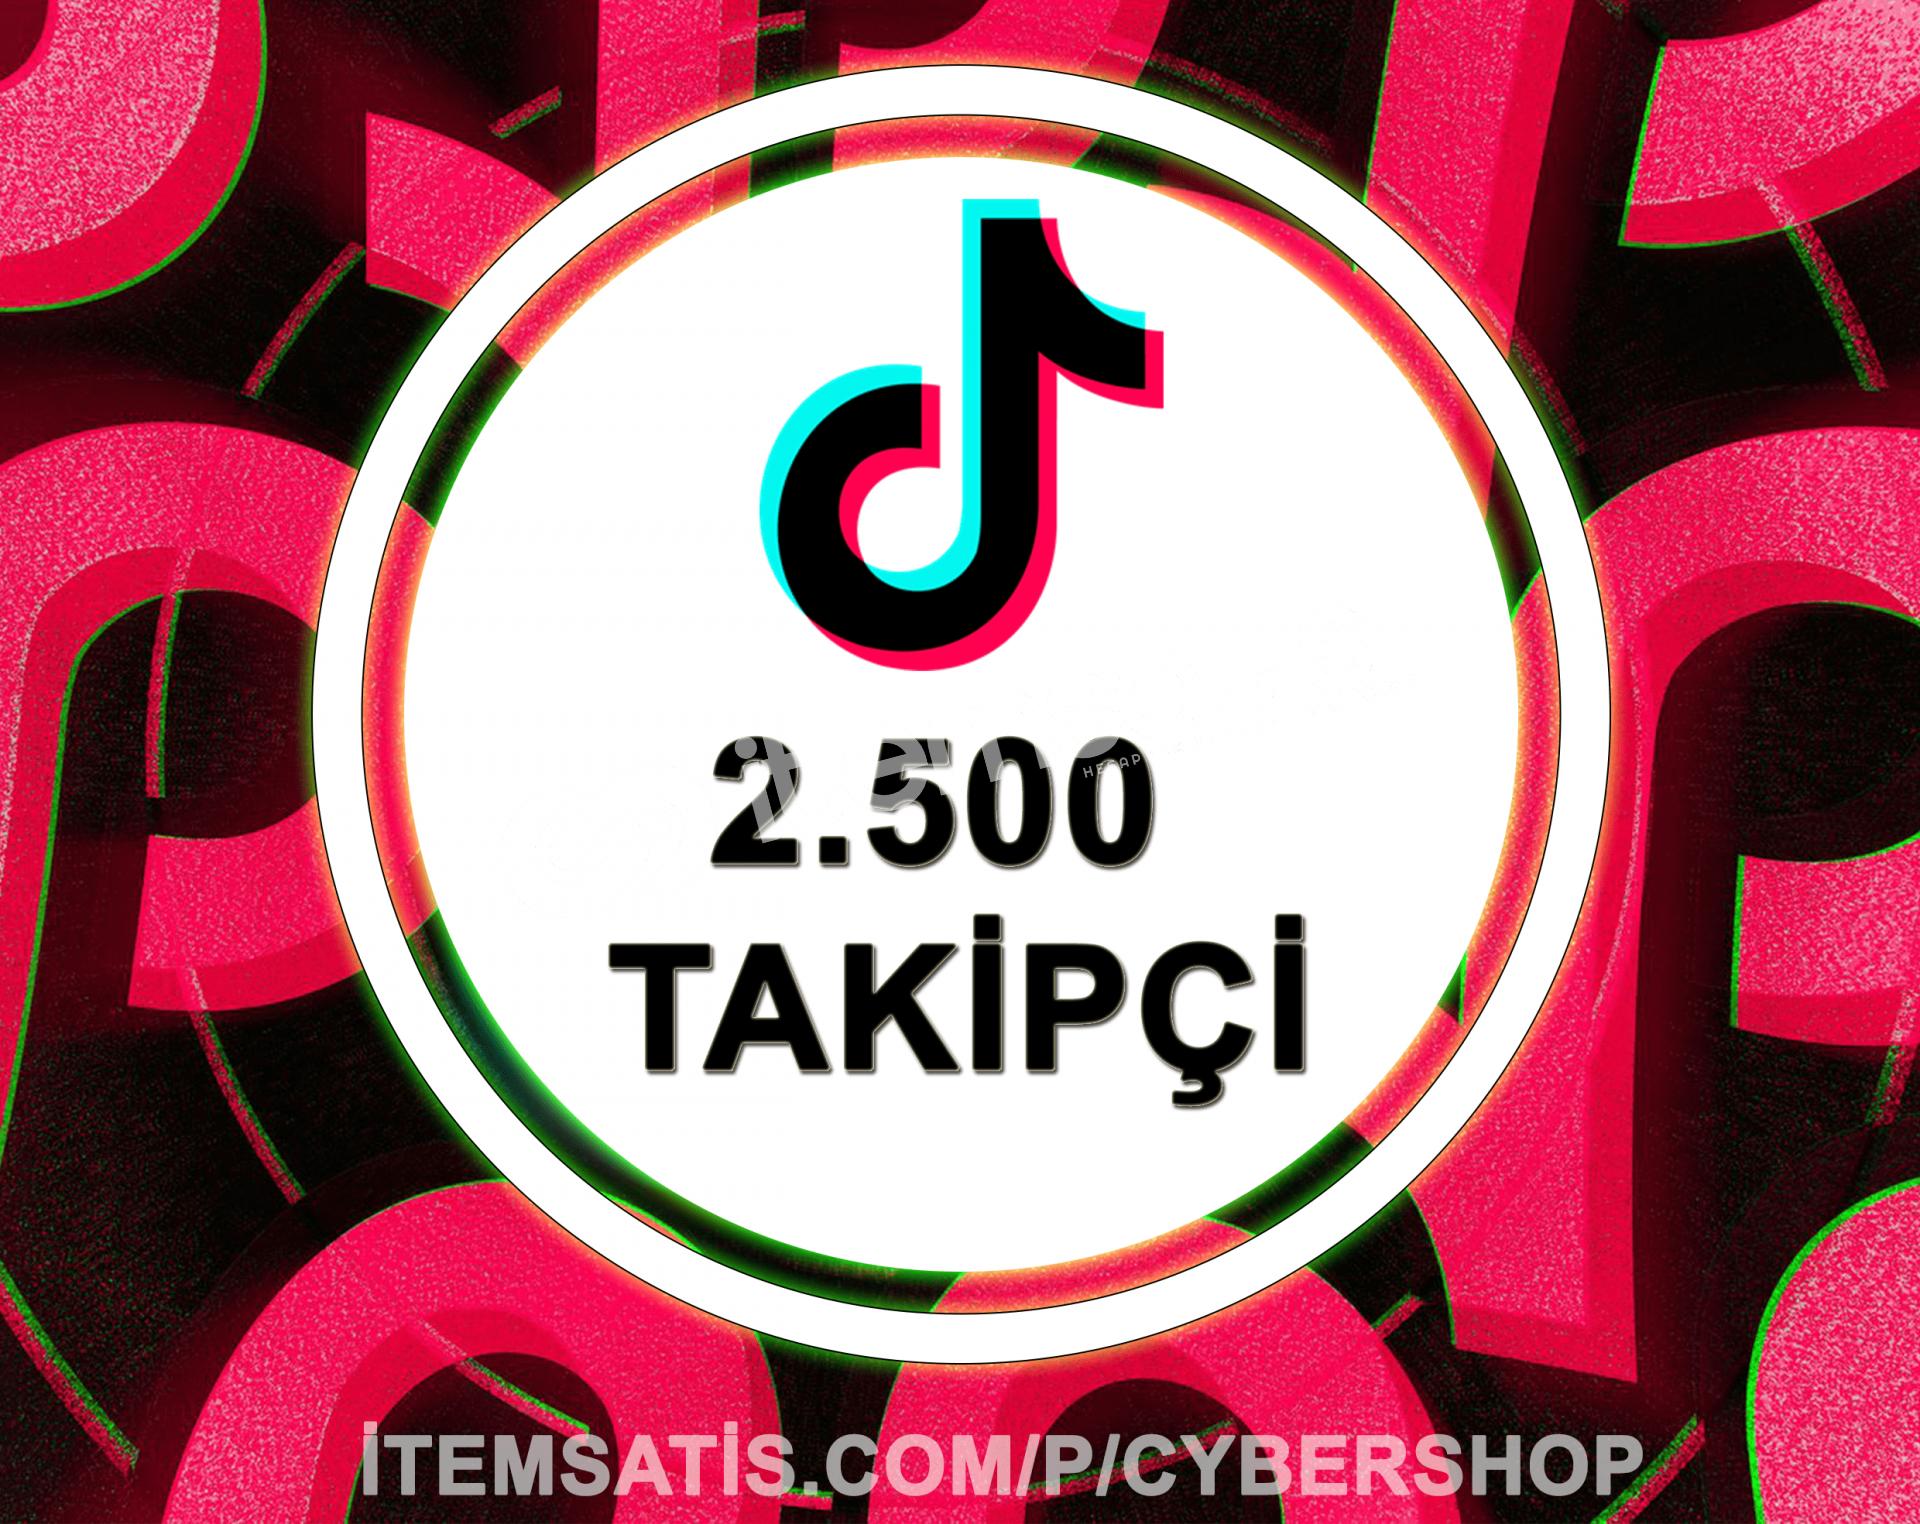 TikTok 2500 Takipçi Paketi (%10 İndirim)